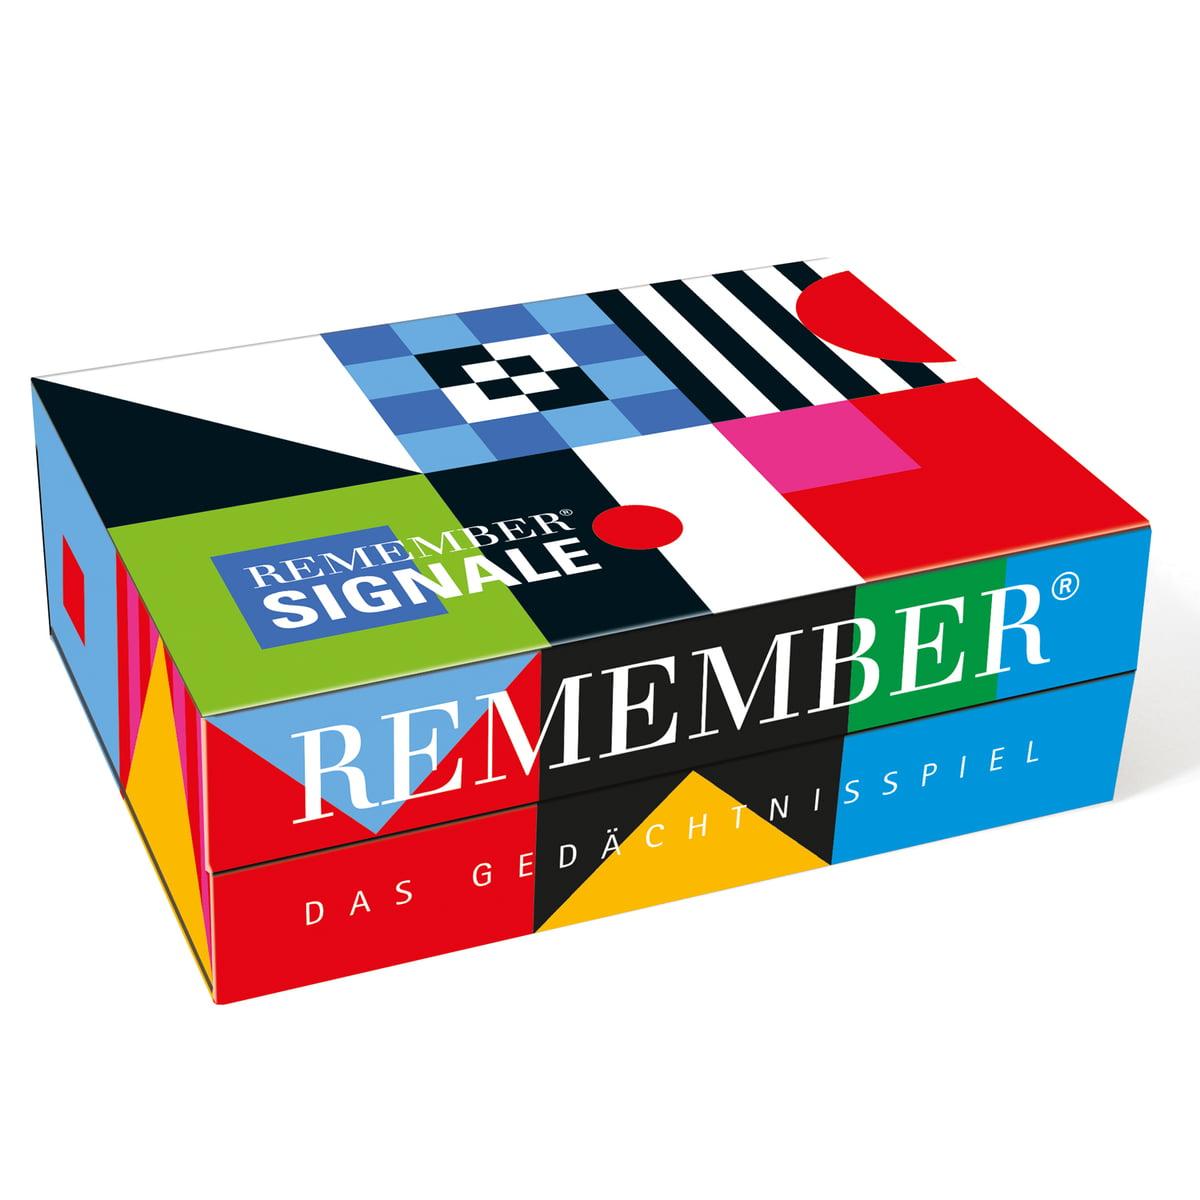 Remember - Jeux De Mémoire, Signale avec Jeux De Mimoire